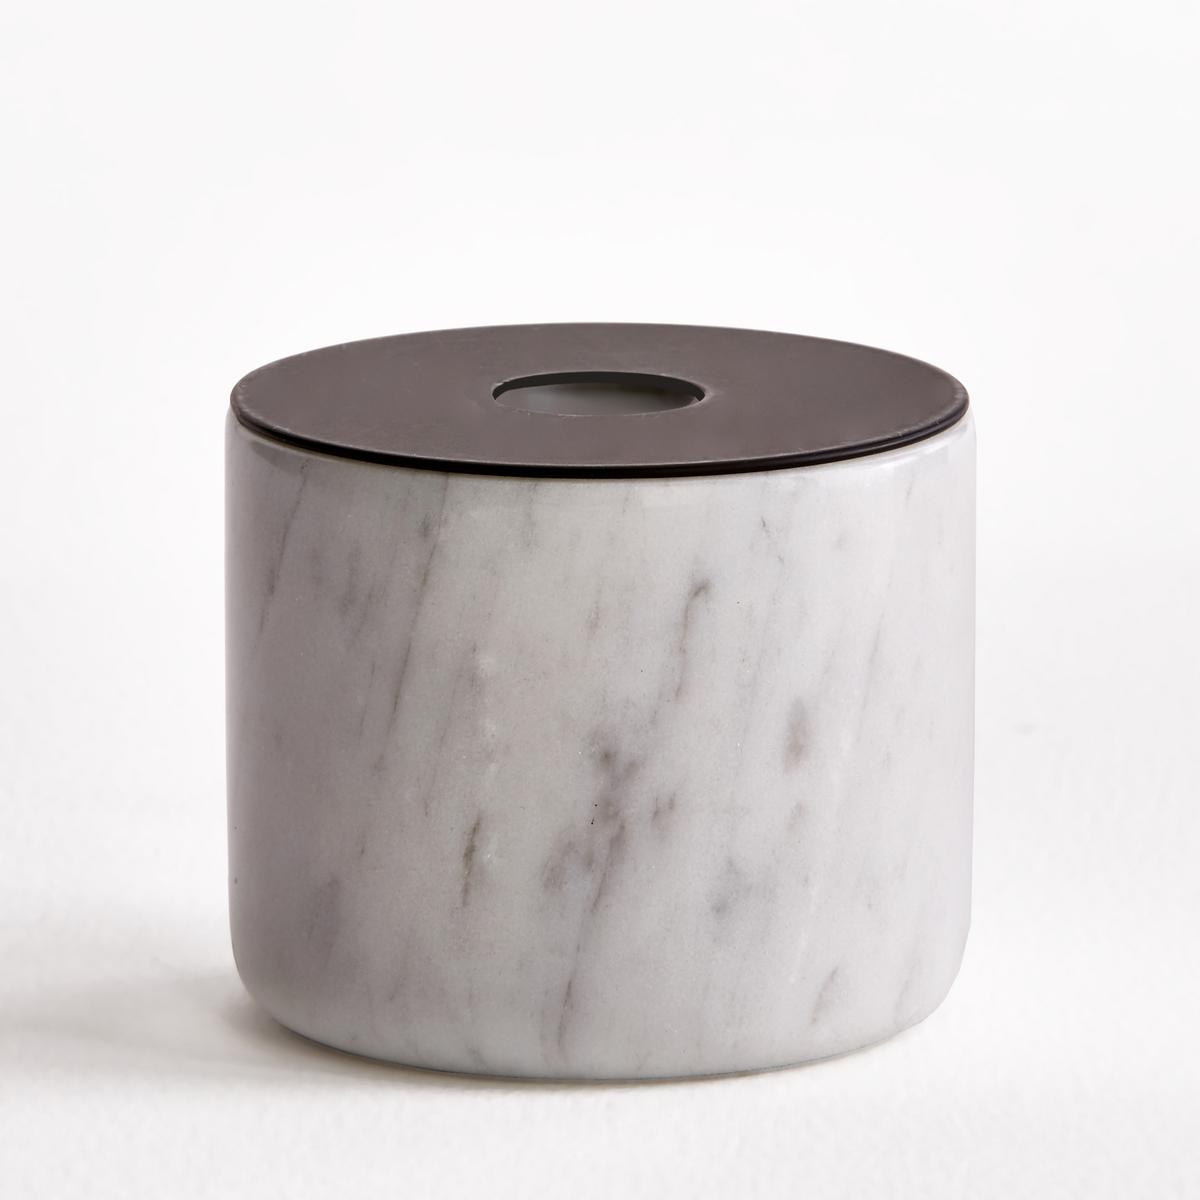 Подсвечник мраморный, размер 2, В.6 см, Malerba декоративные свечи ганг подсвечник imagine 8х8х20 см